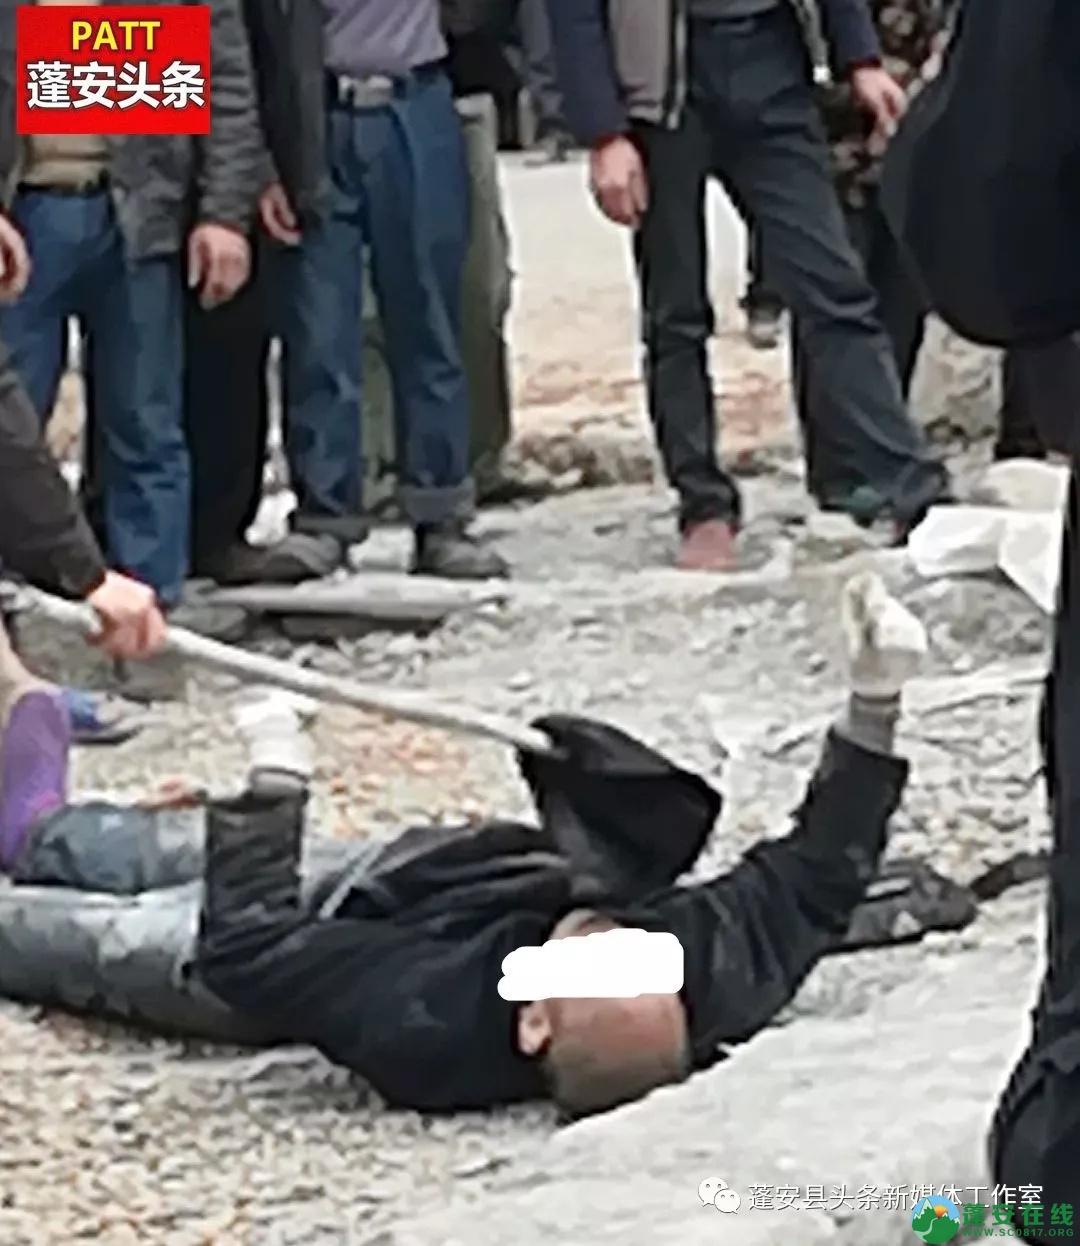 2019年3月3日蓬安石孔乡姚家沟村一男子死在水泥搅拌机上面 - 第3张    蓬安在线